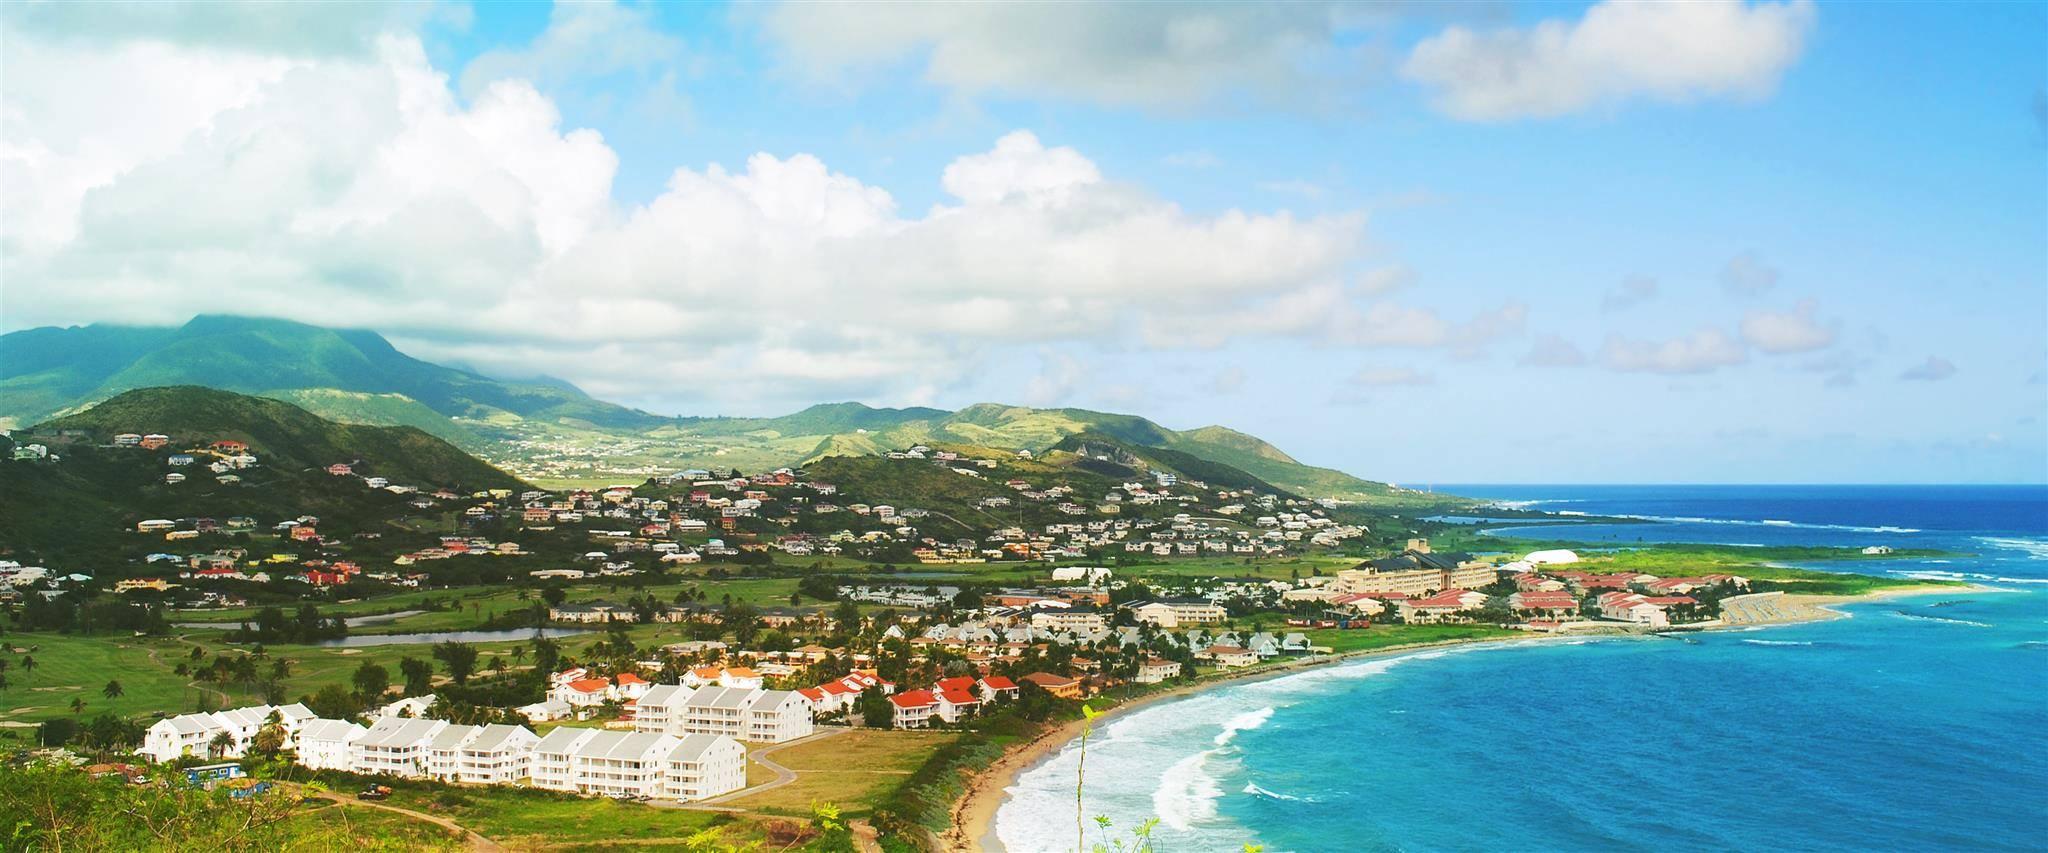 Resultado de imagen para St. Kitts